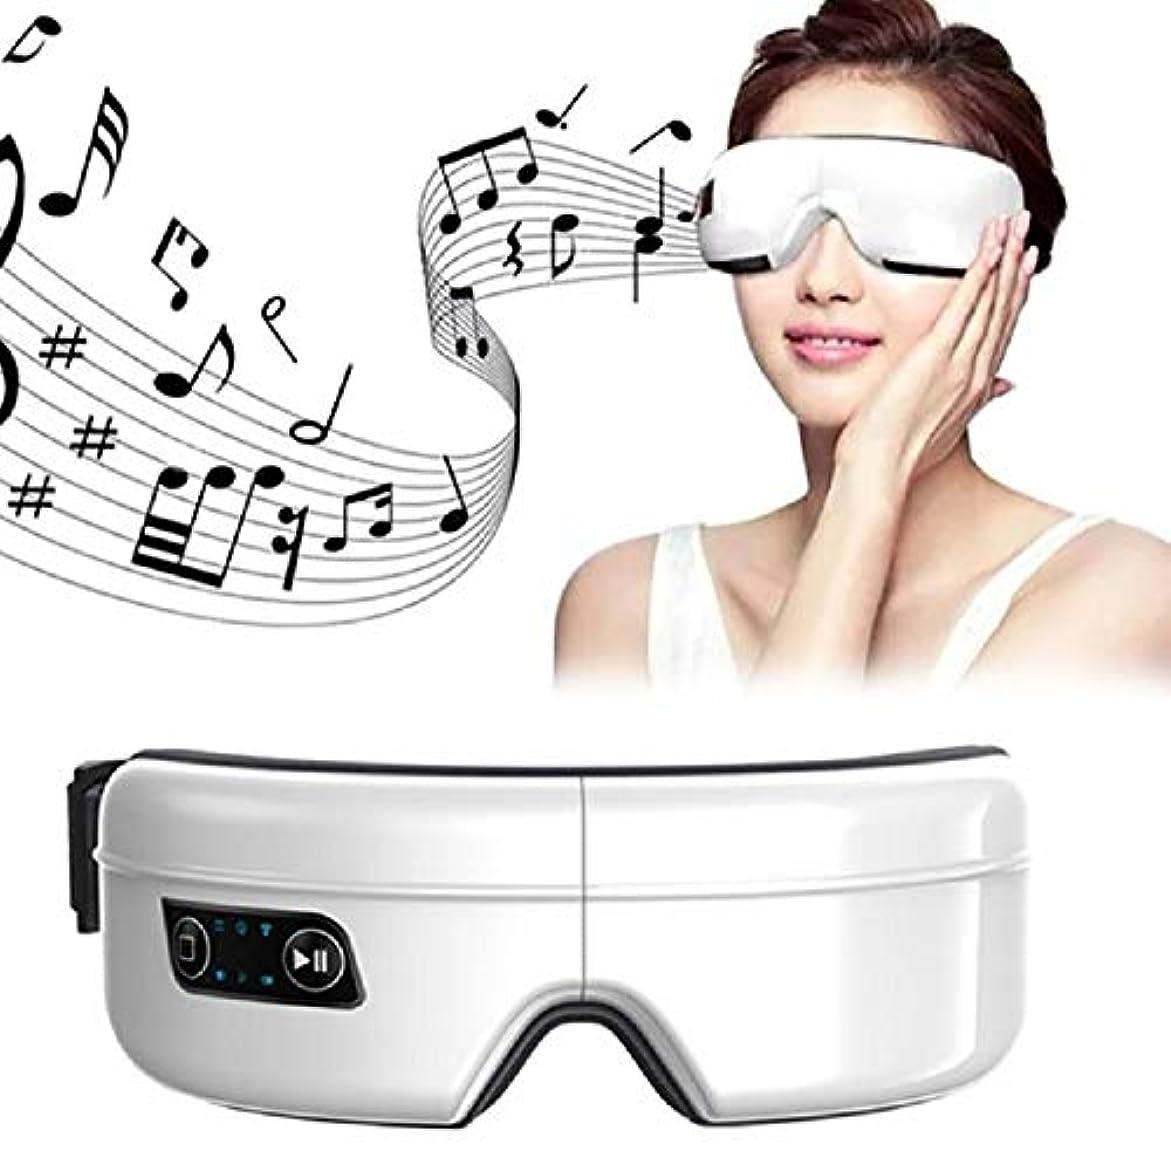 温度信頼性のある常にMeet now 高度な電気ワイヤレスアイマッサージSPAの楽器、音楽充電式美容ツール 品質保証